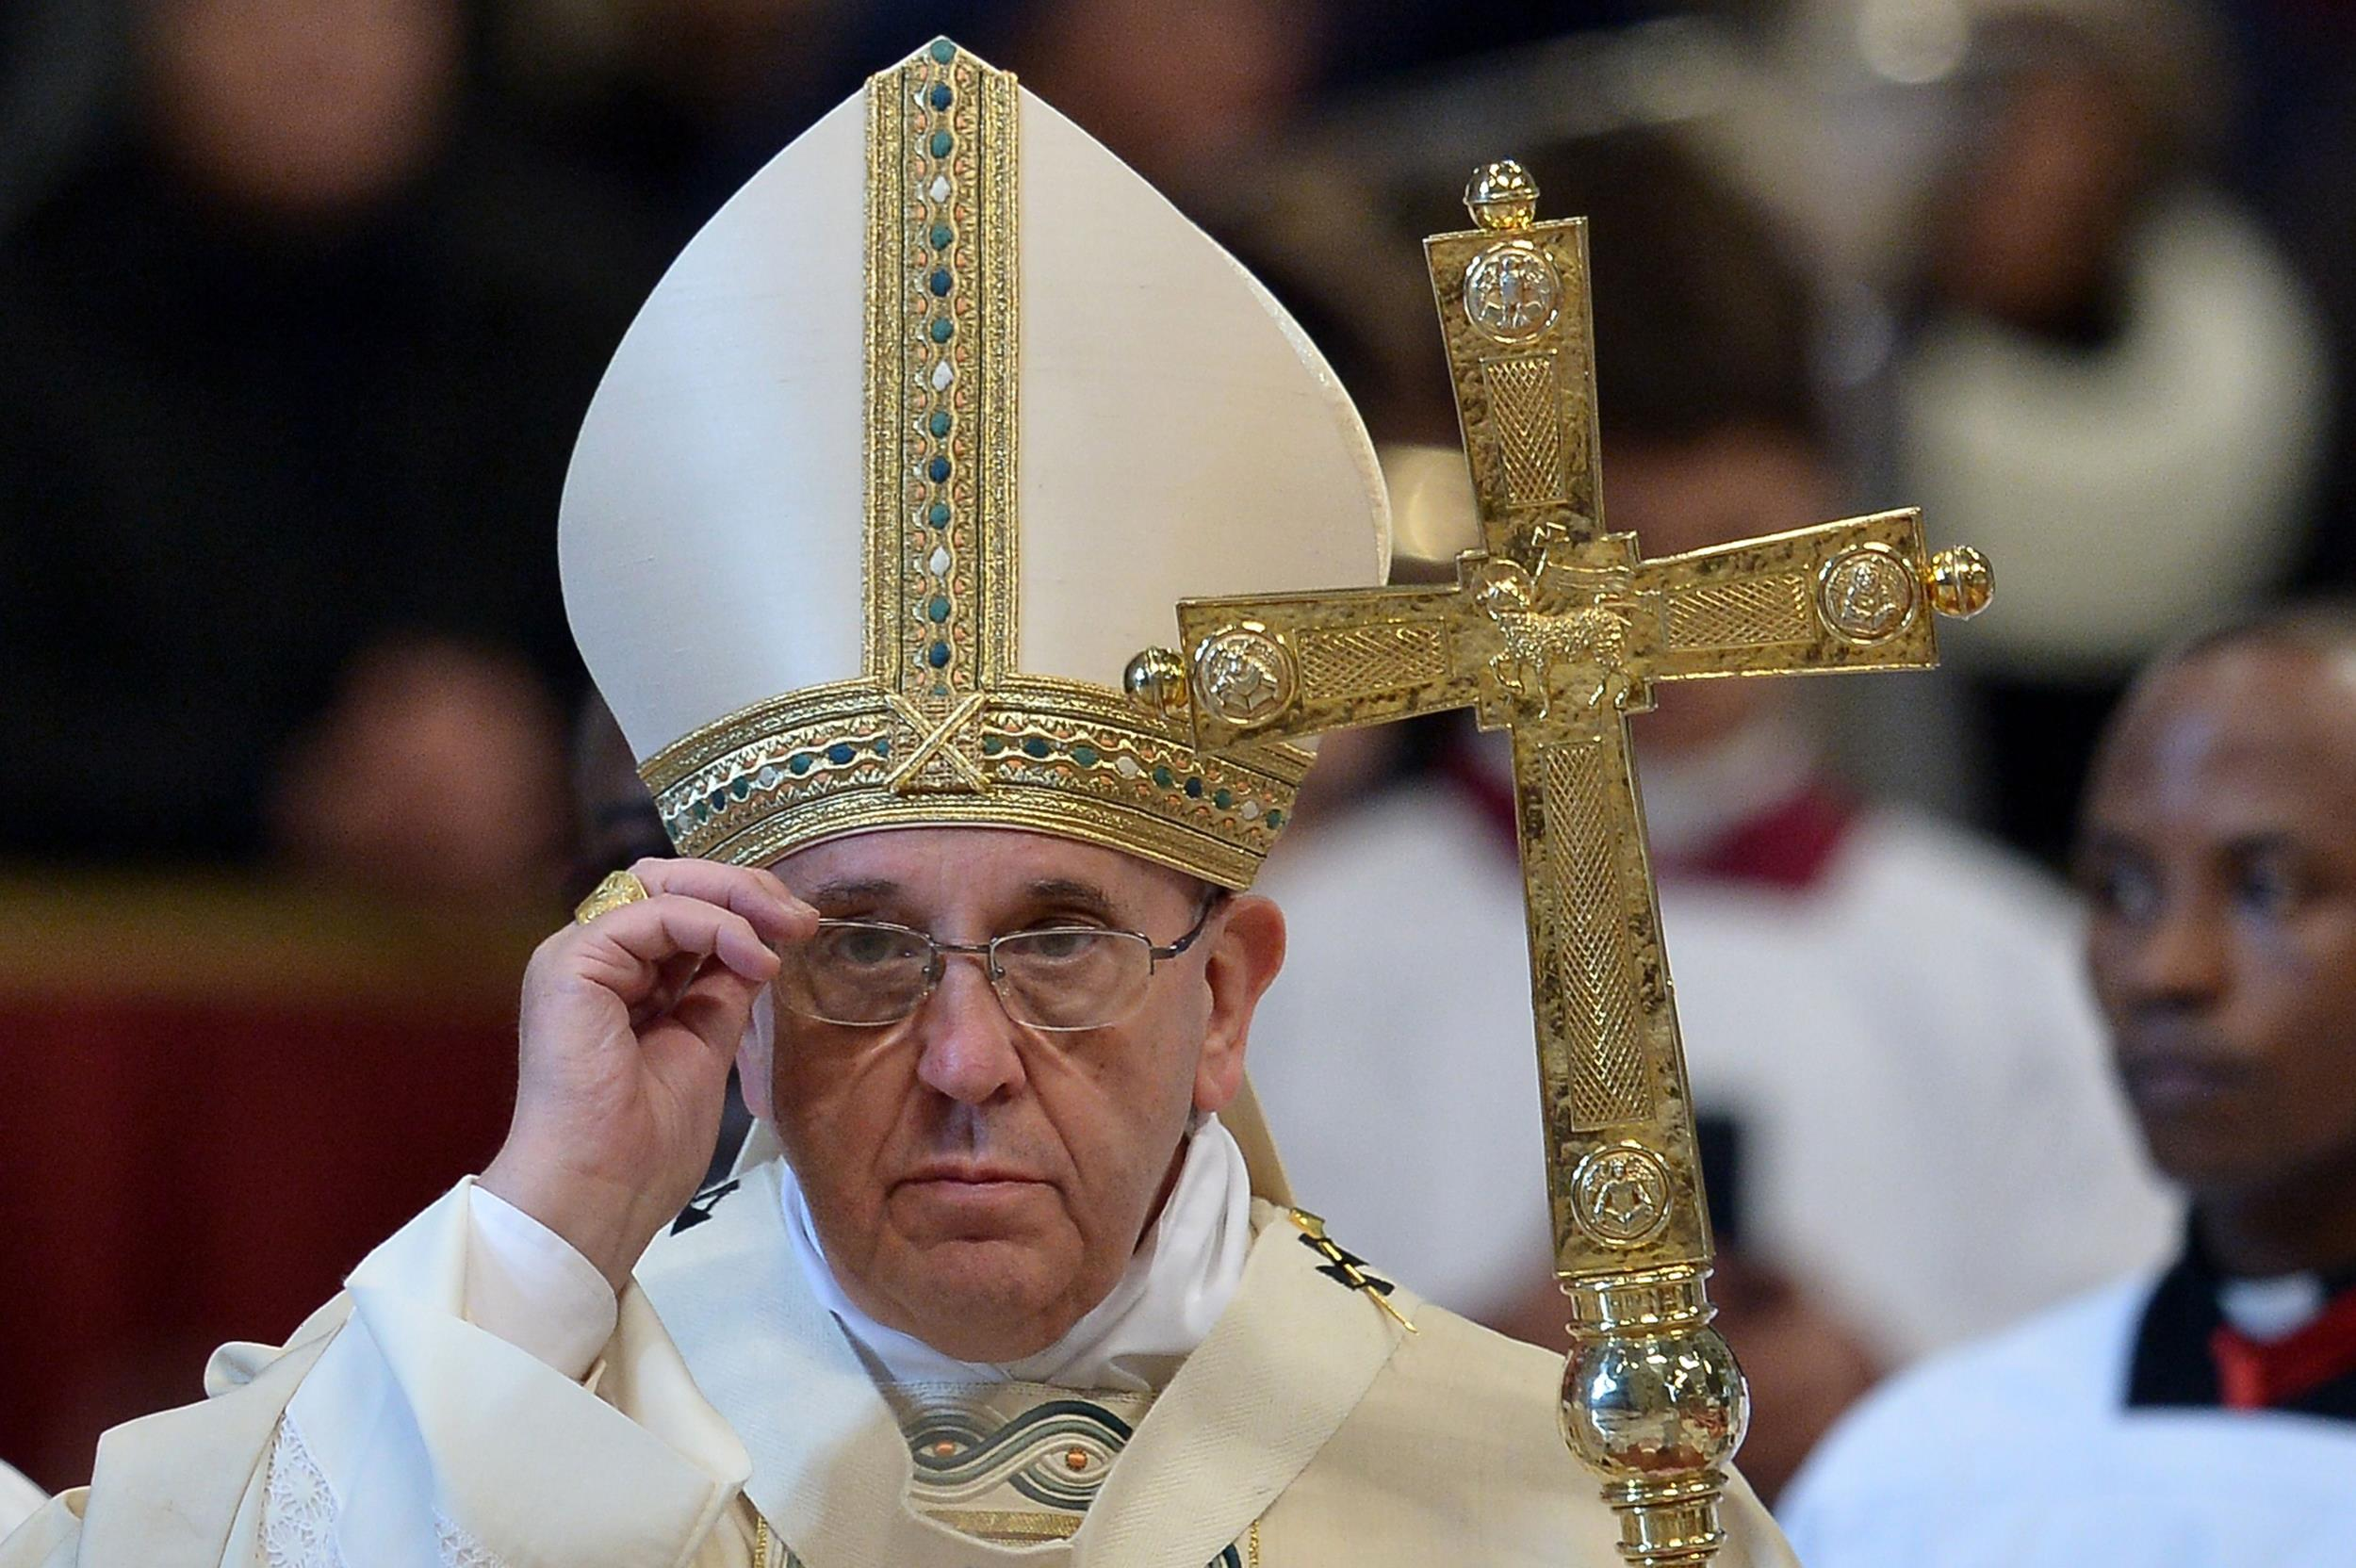 http://media1.s-nbcnews.com/i/newscms/2015_02/835516/150106-pope-vatican-mn-630_5874e48cbd15596a826856627381a850.jpg